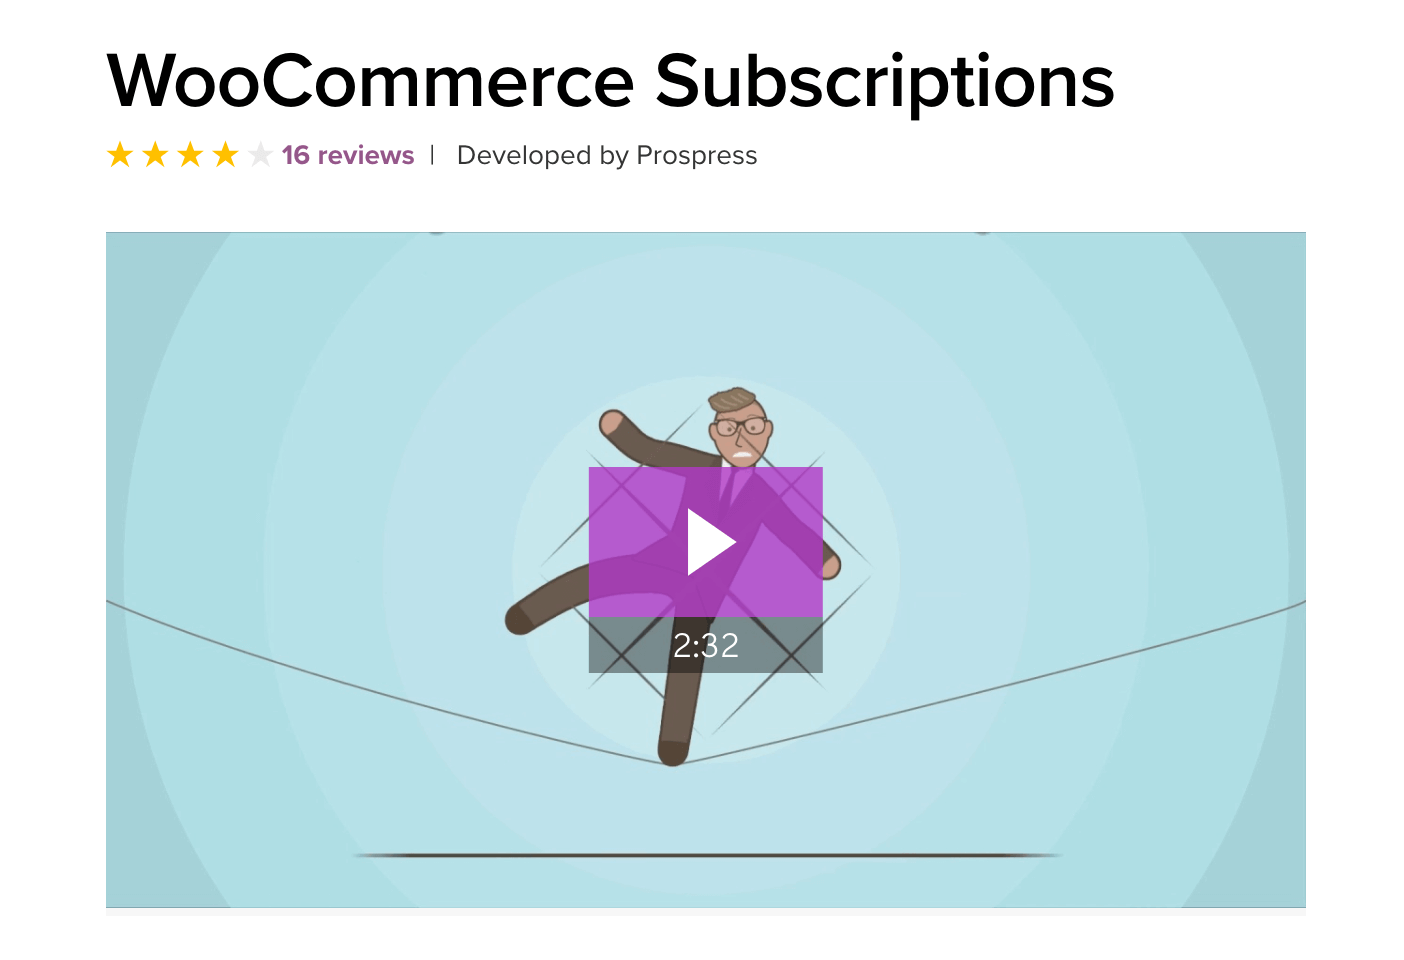 La extensión WooCommerce Subscriptions